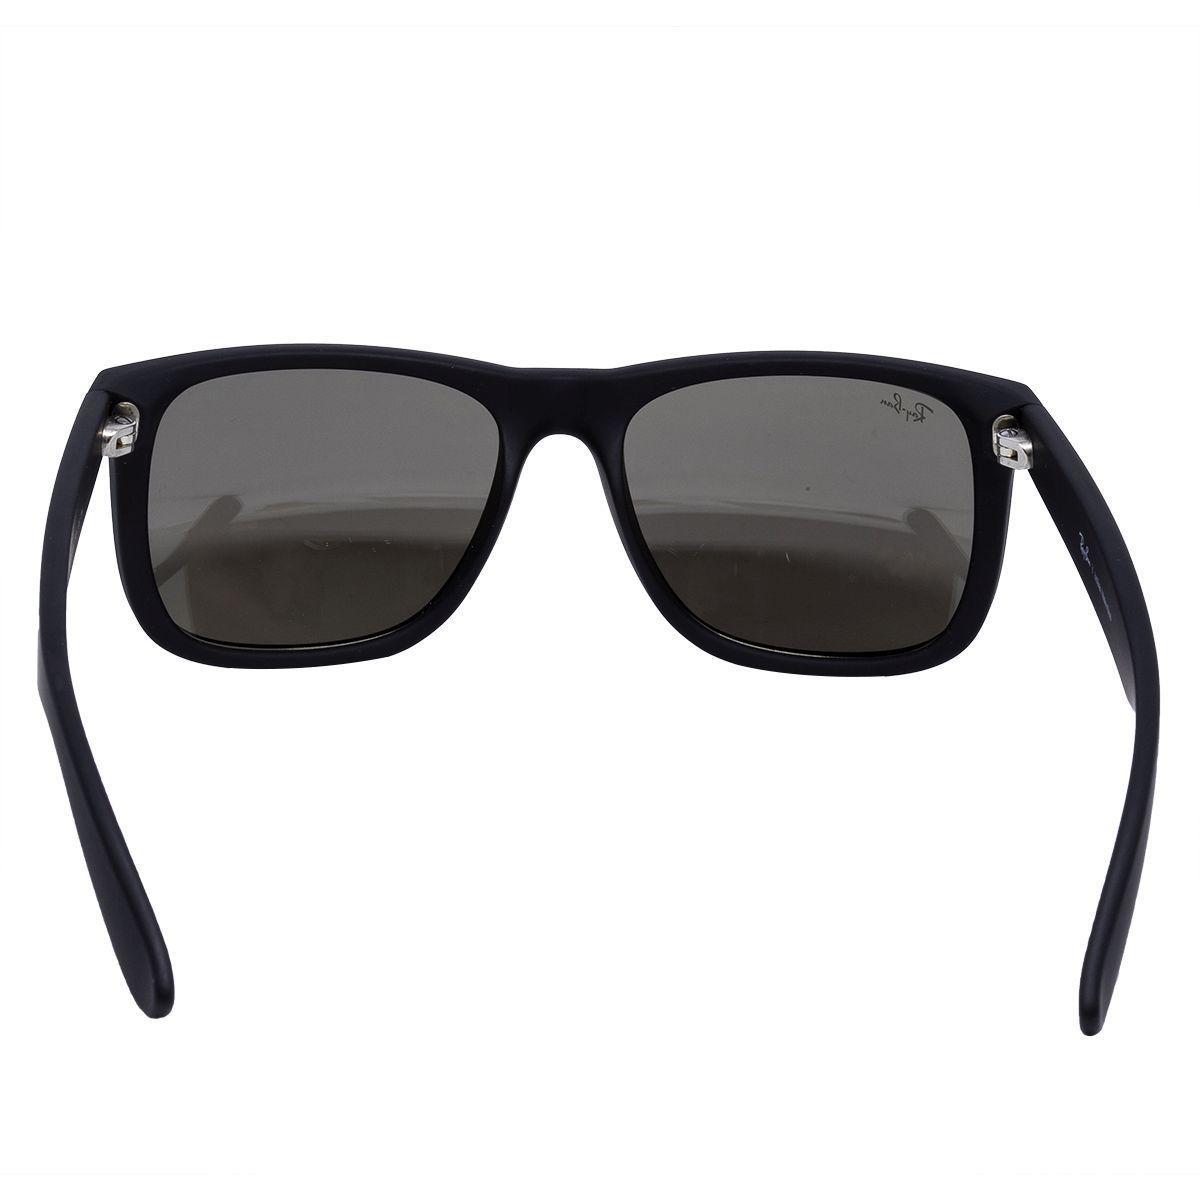 Óculos de Sol Ray Ban Justin Rubber Black RB4165 622 5A - Acetato Preto,  Lente Espelhada Dourada R  506,00 à vista. Adicionar à sacola 9756fbd0ae